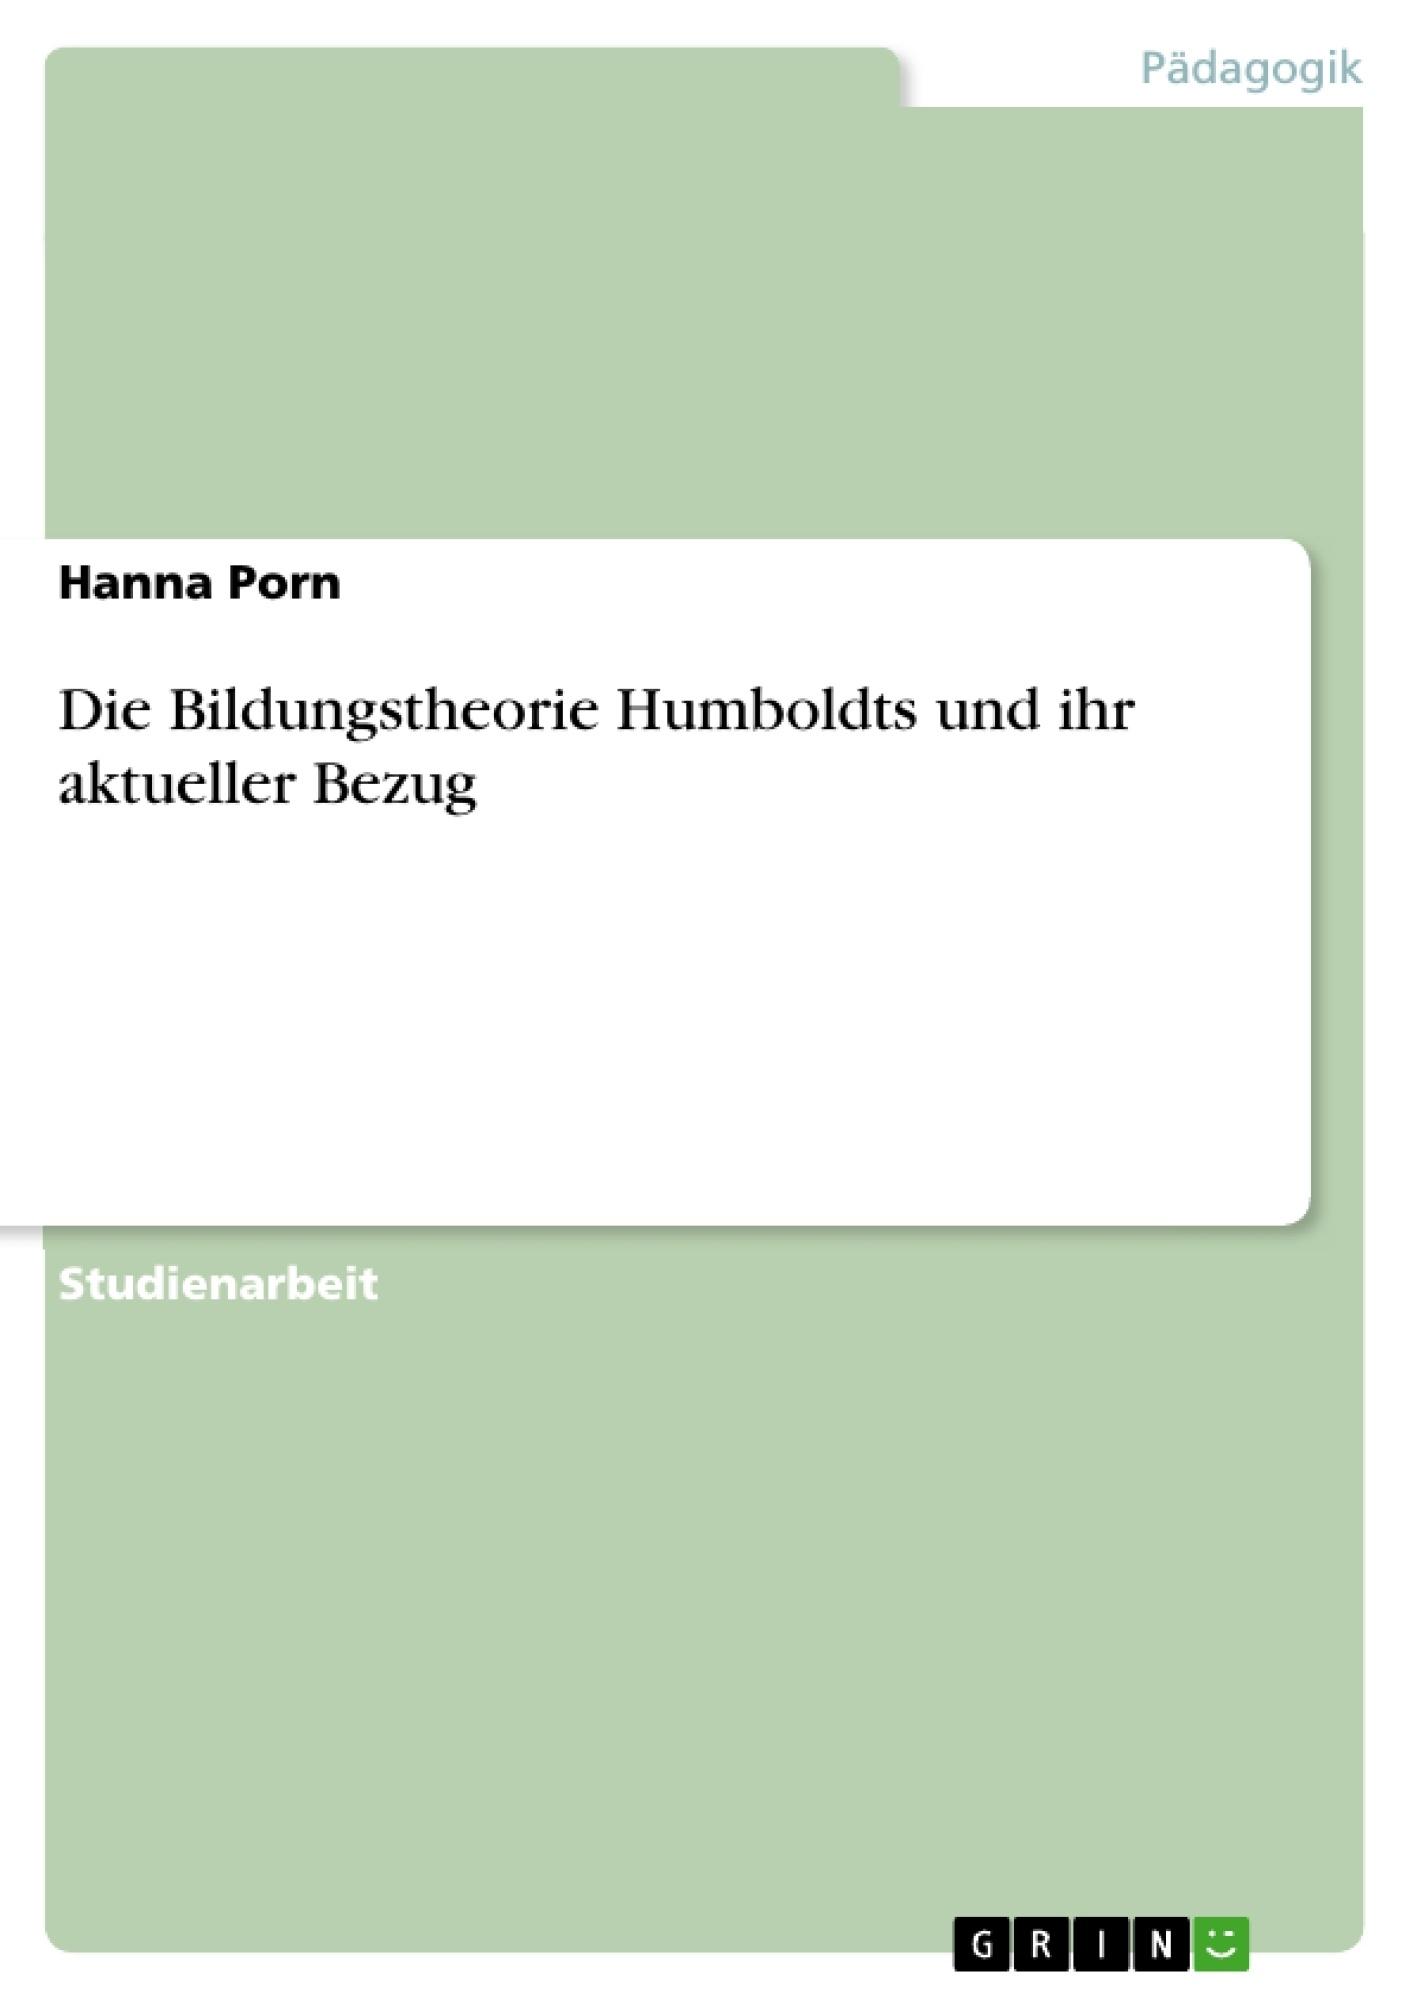 Titel: Die Bildungstheorie Humboldts und ihr aktueller Bezug